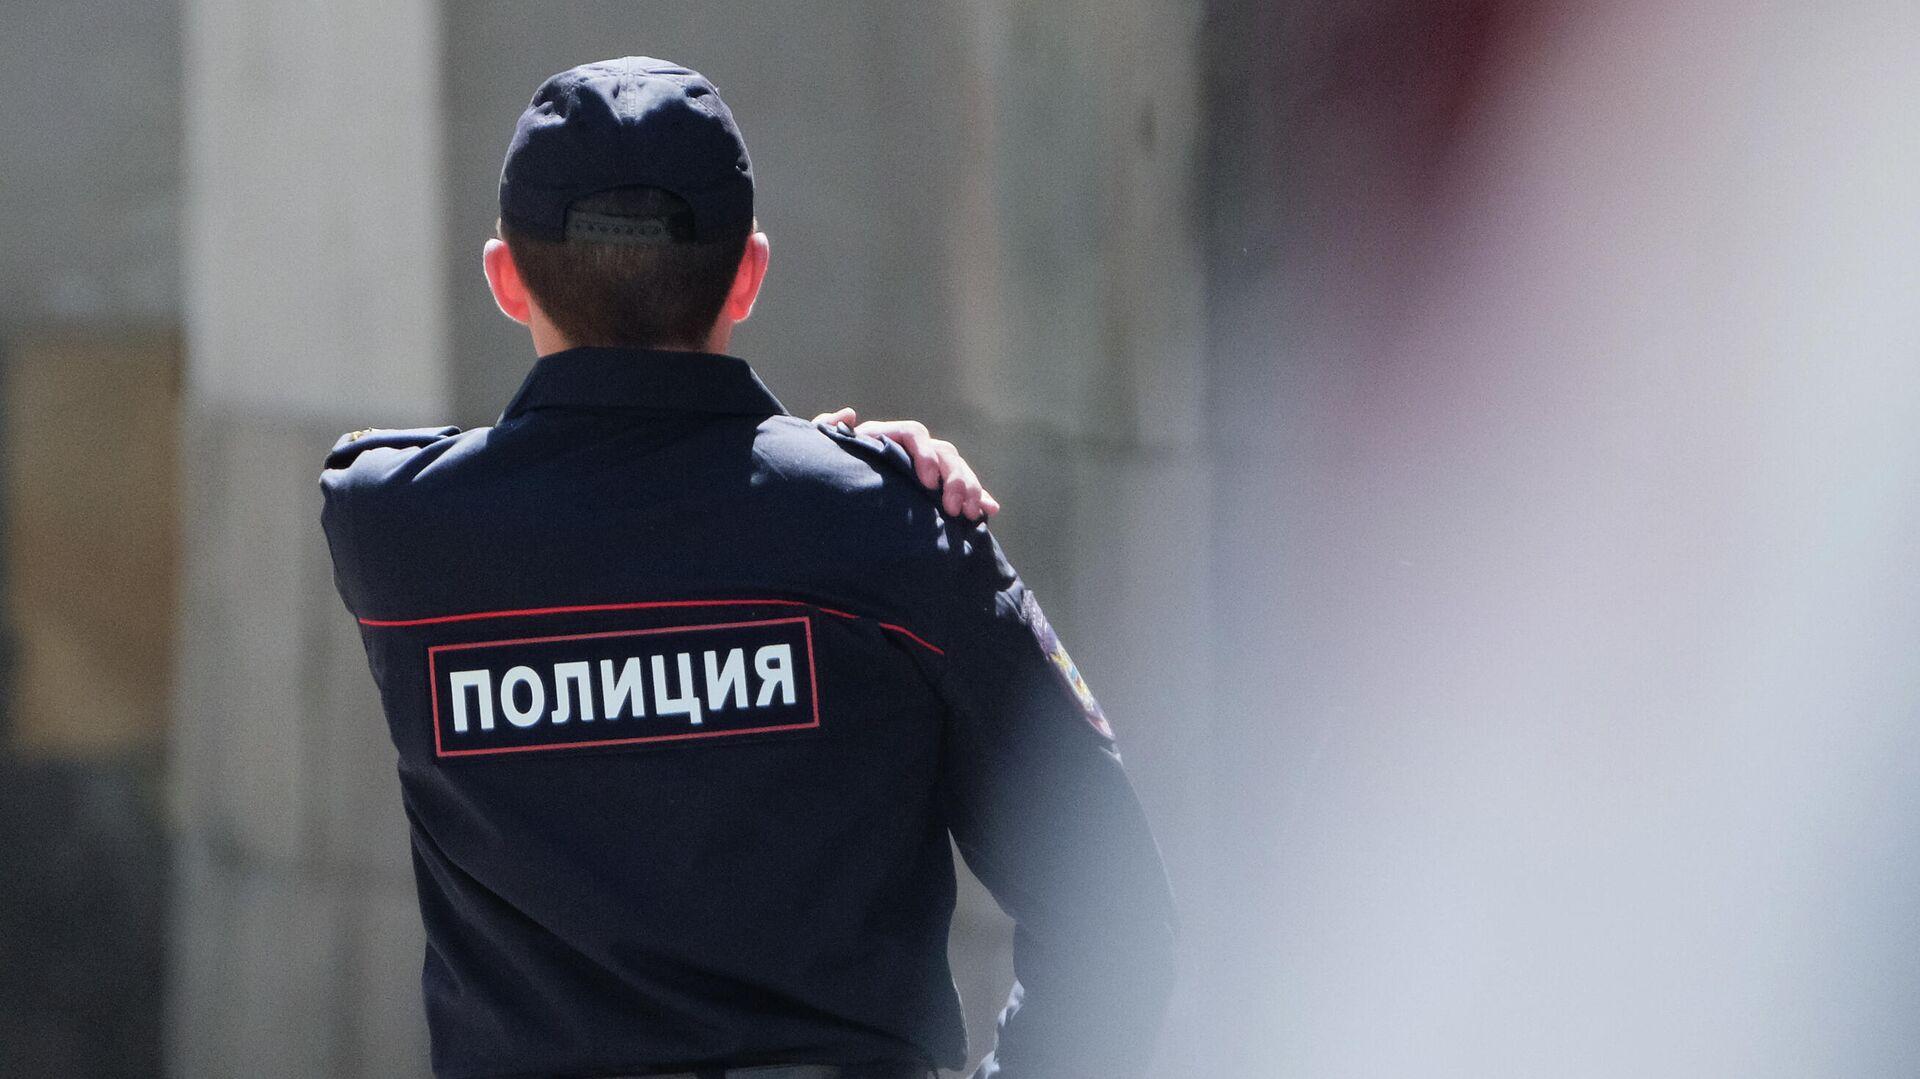 Сотрудник полиции  - РИА Новости, 1920, 07.09.2021